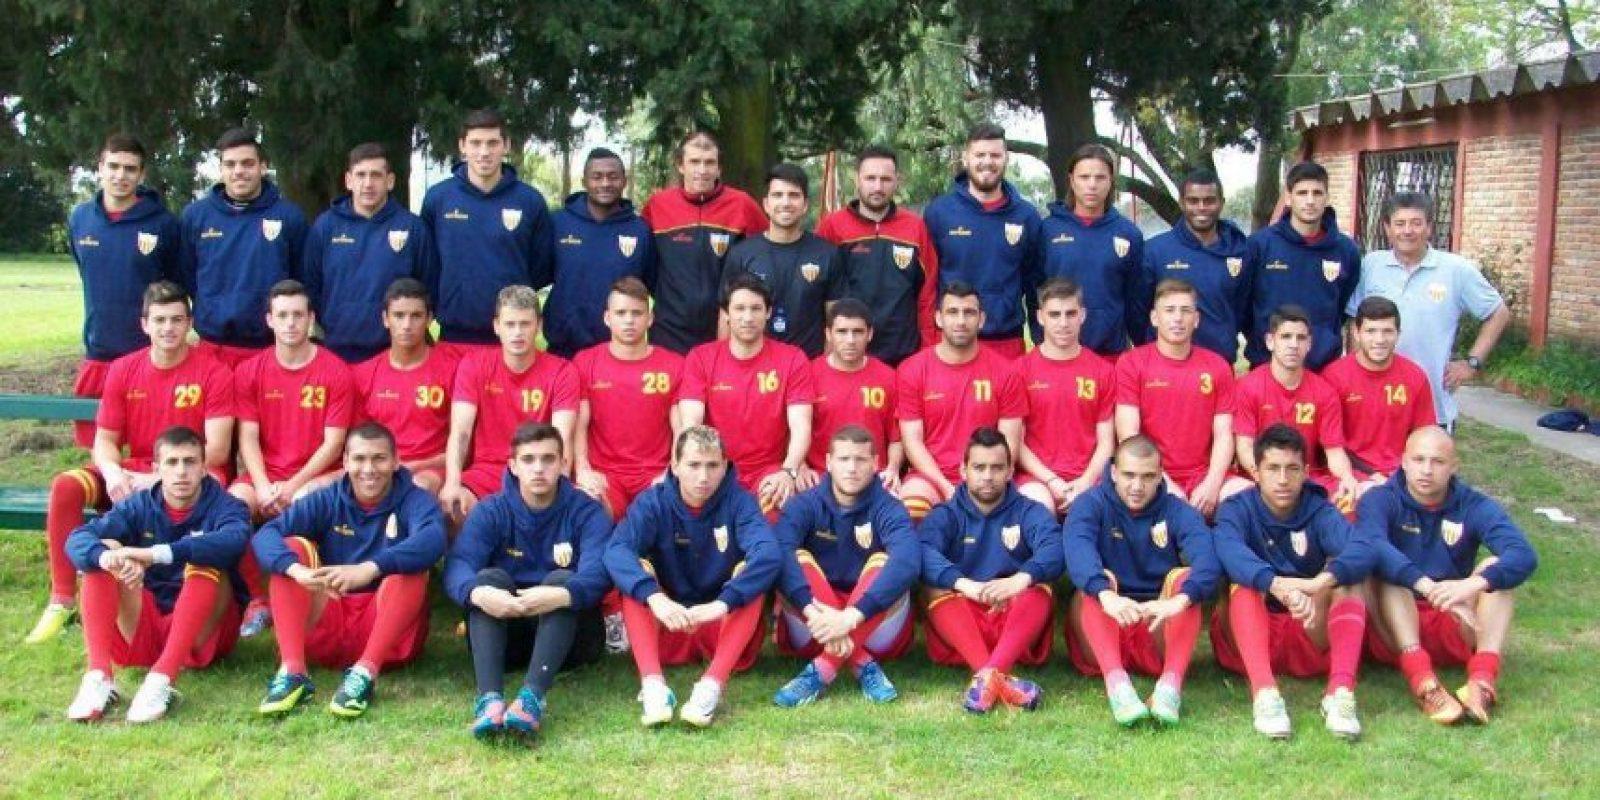 Club Atlético Progreso (2da División de Uruguay) Foto:Vía facebook.com/pages/Club-Atlético-Progreso-Sitio-Oficial